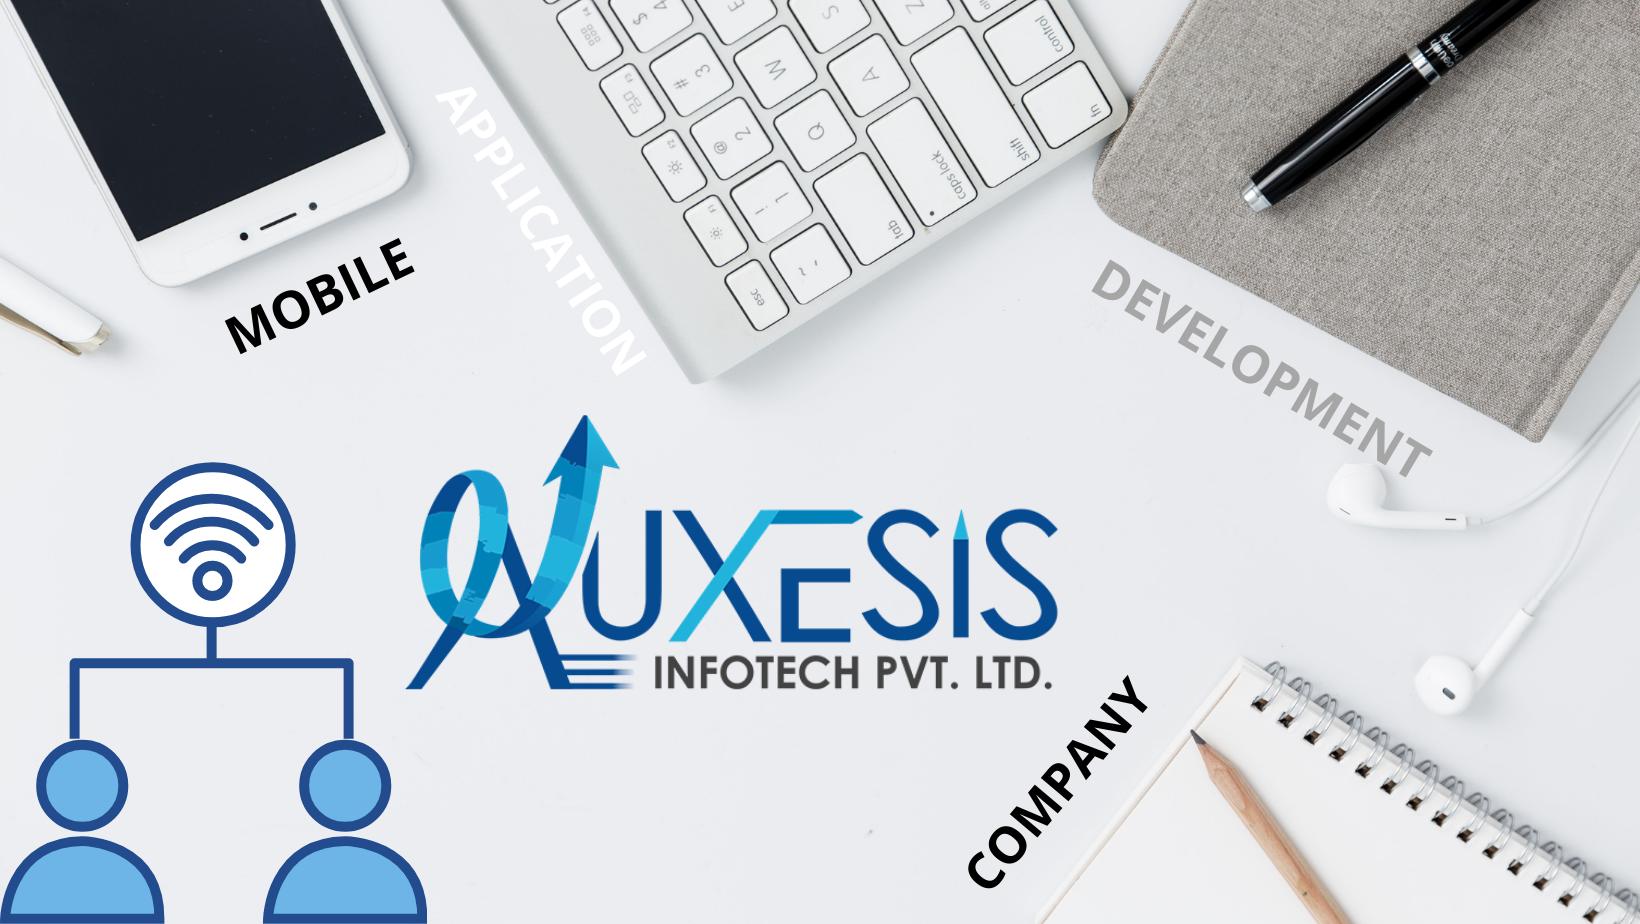 Auxesis Infotech Pvt Ltd